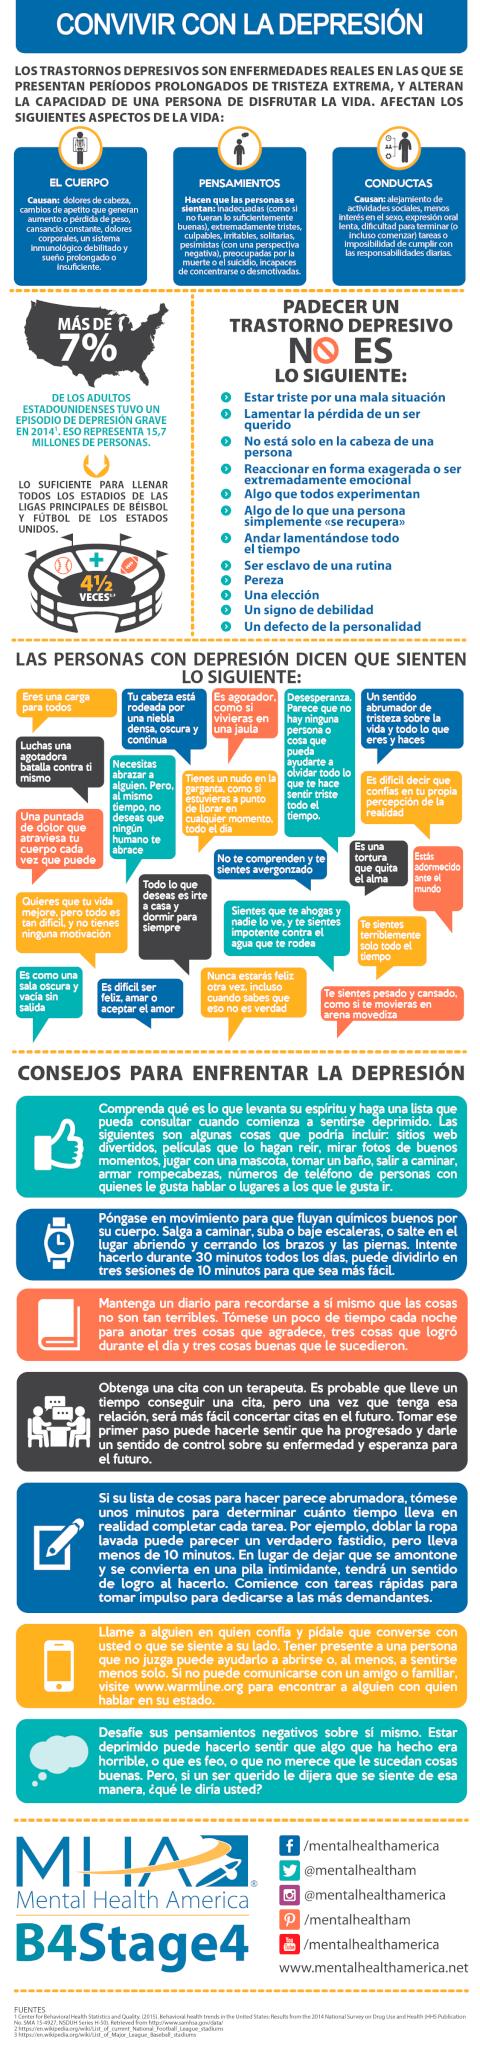 infografia depresion - ¿Puede la terapia ser un tratamiento eficaz para la depresión?